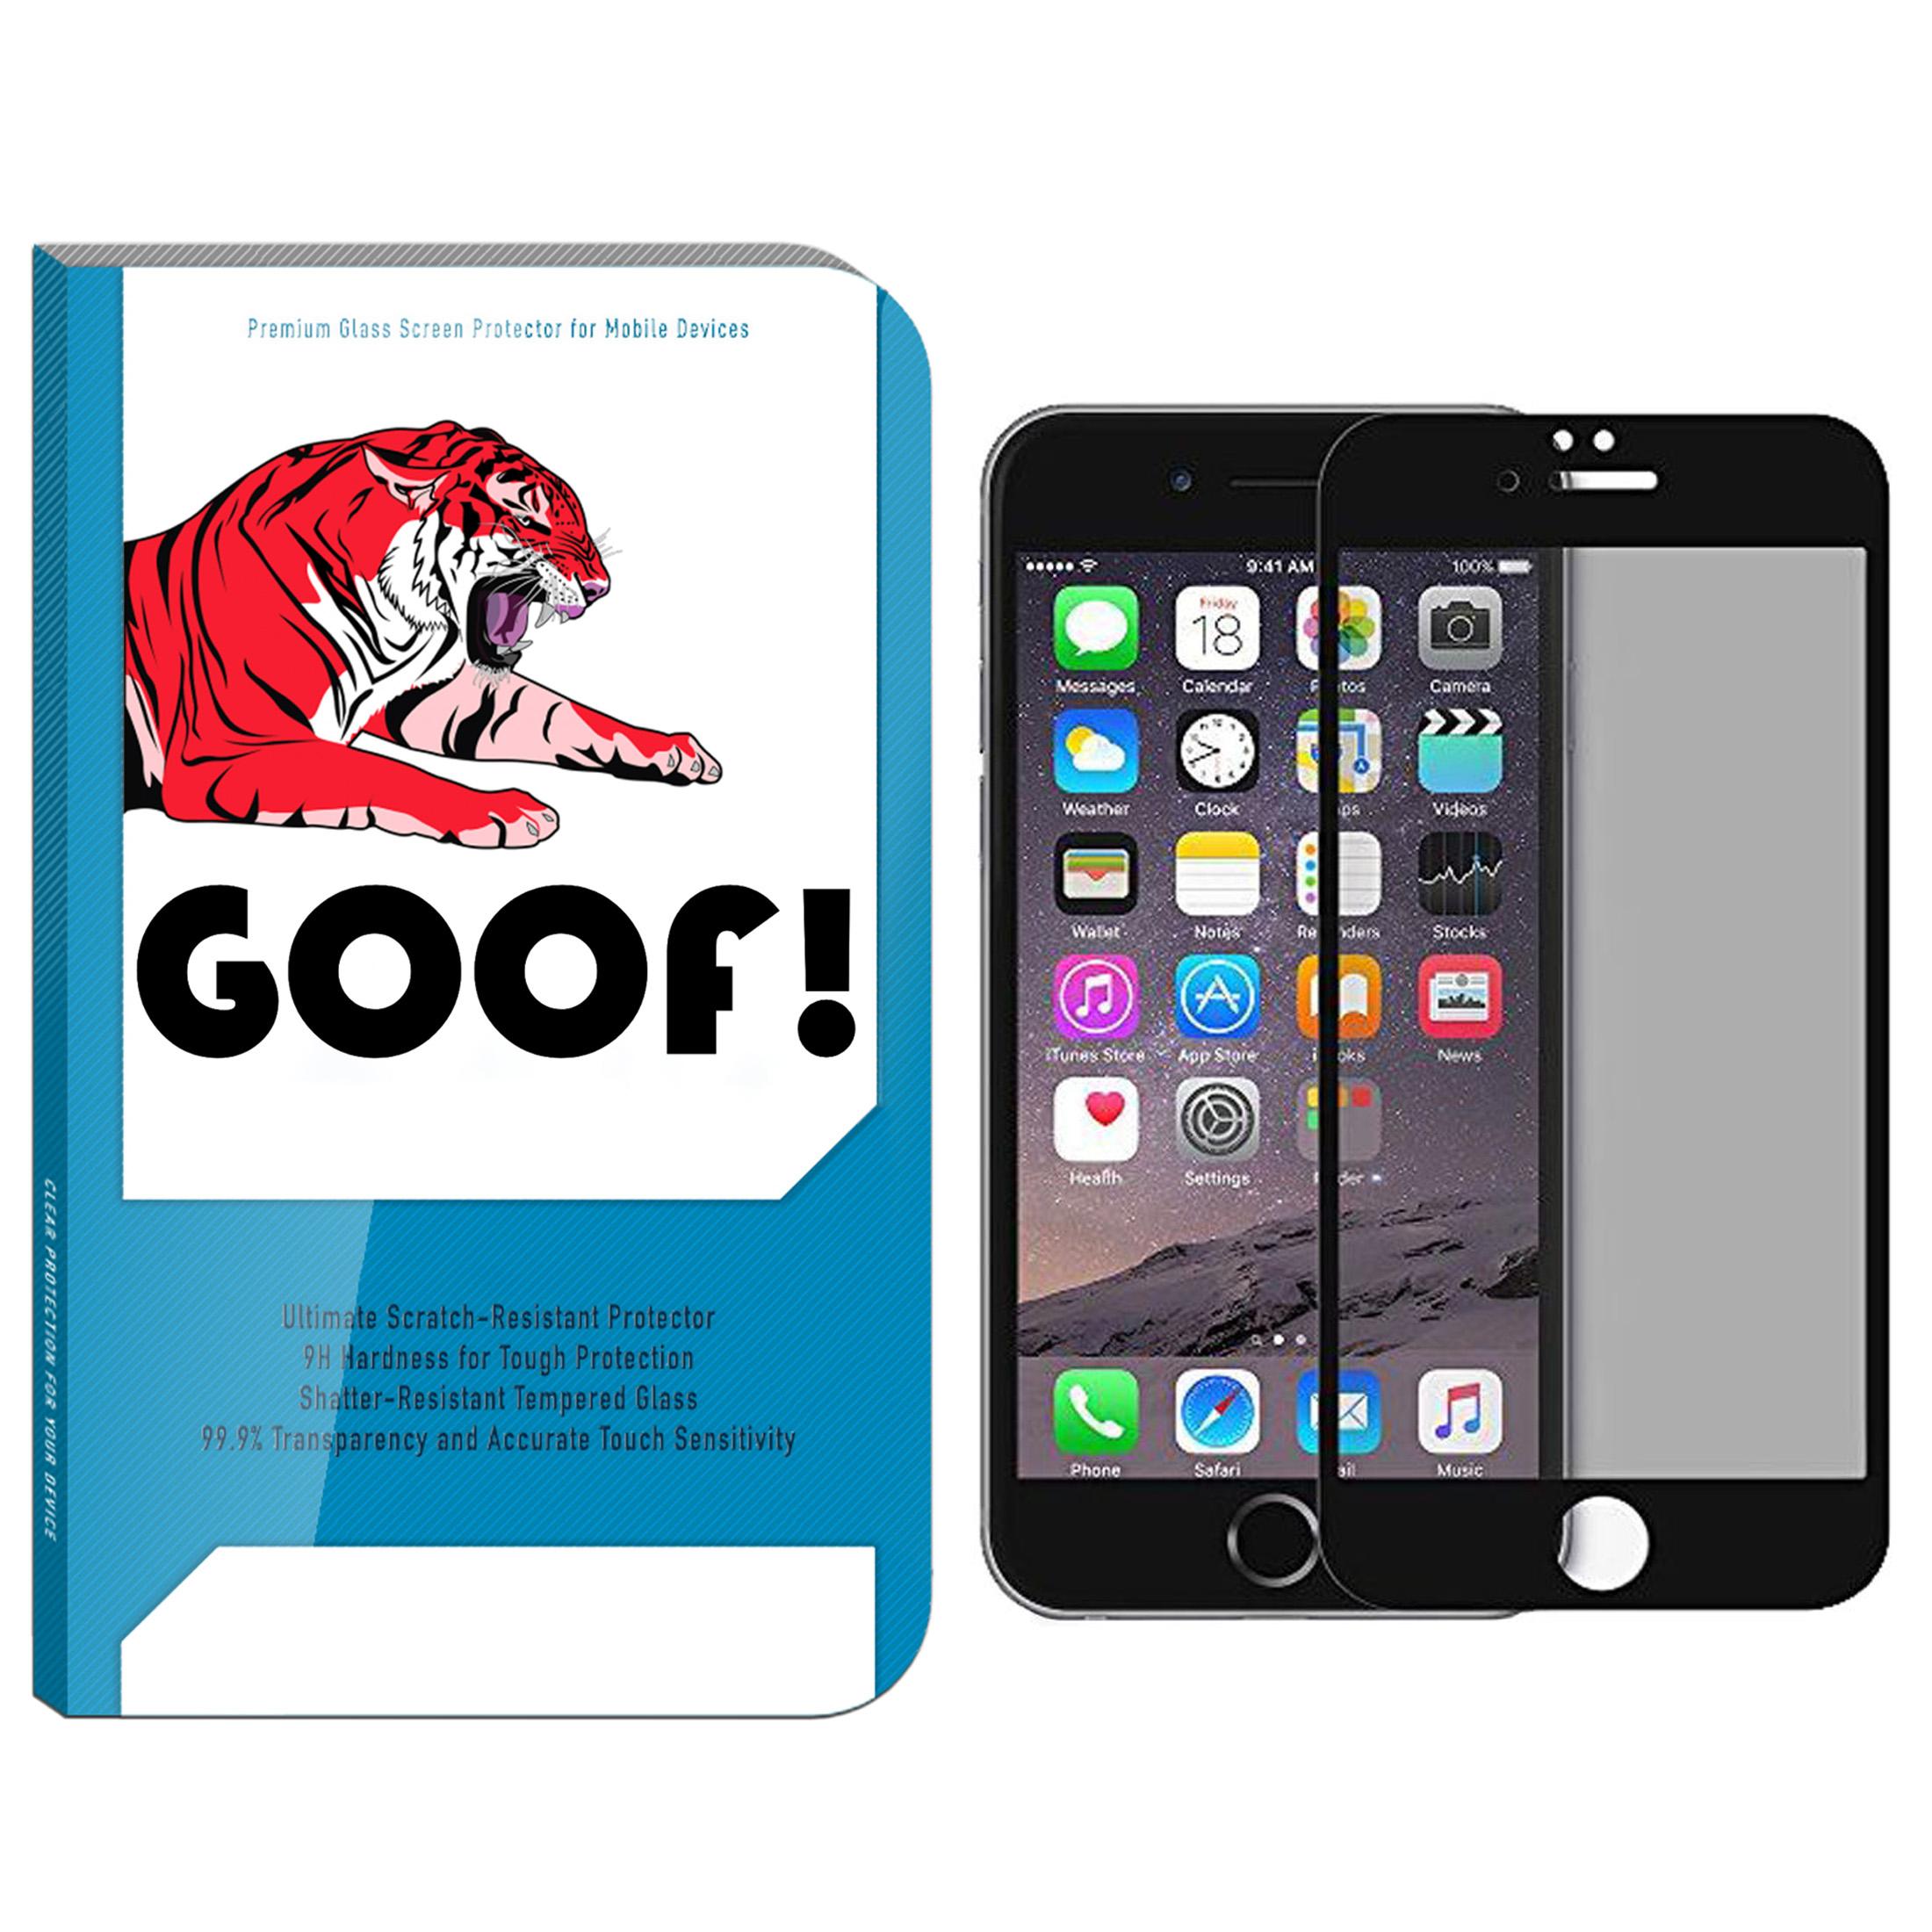 محافظ صفحه نمایش حریم شخصی گوف مدل TI-001 مناسب برای گوشی موبایل اپل Iphone 7